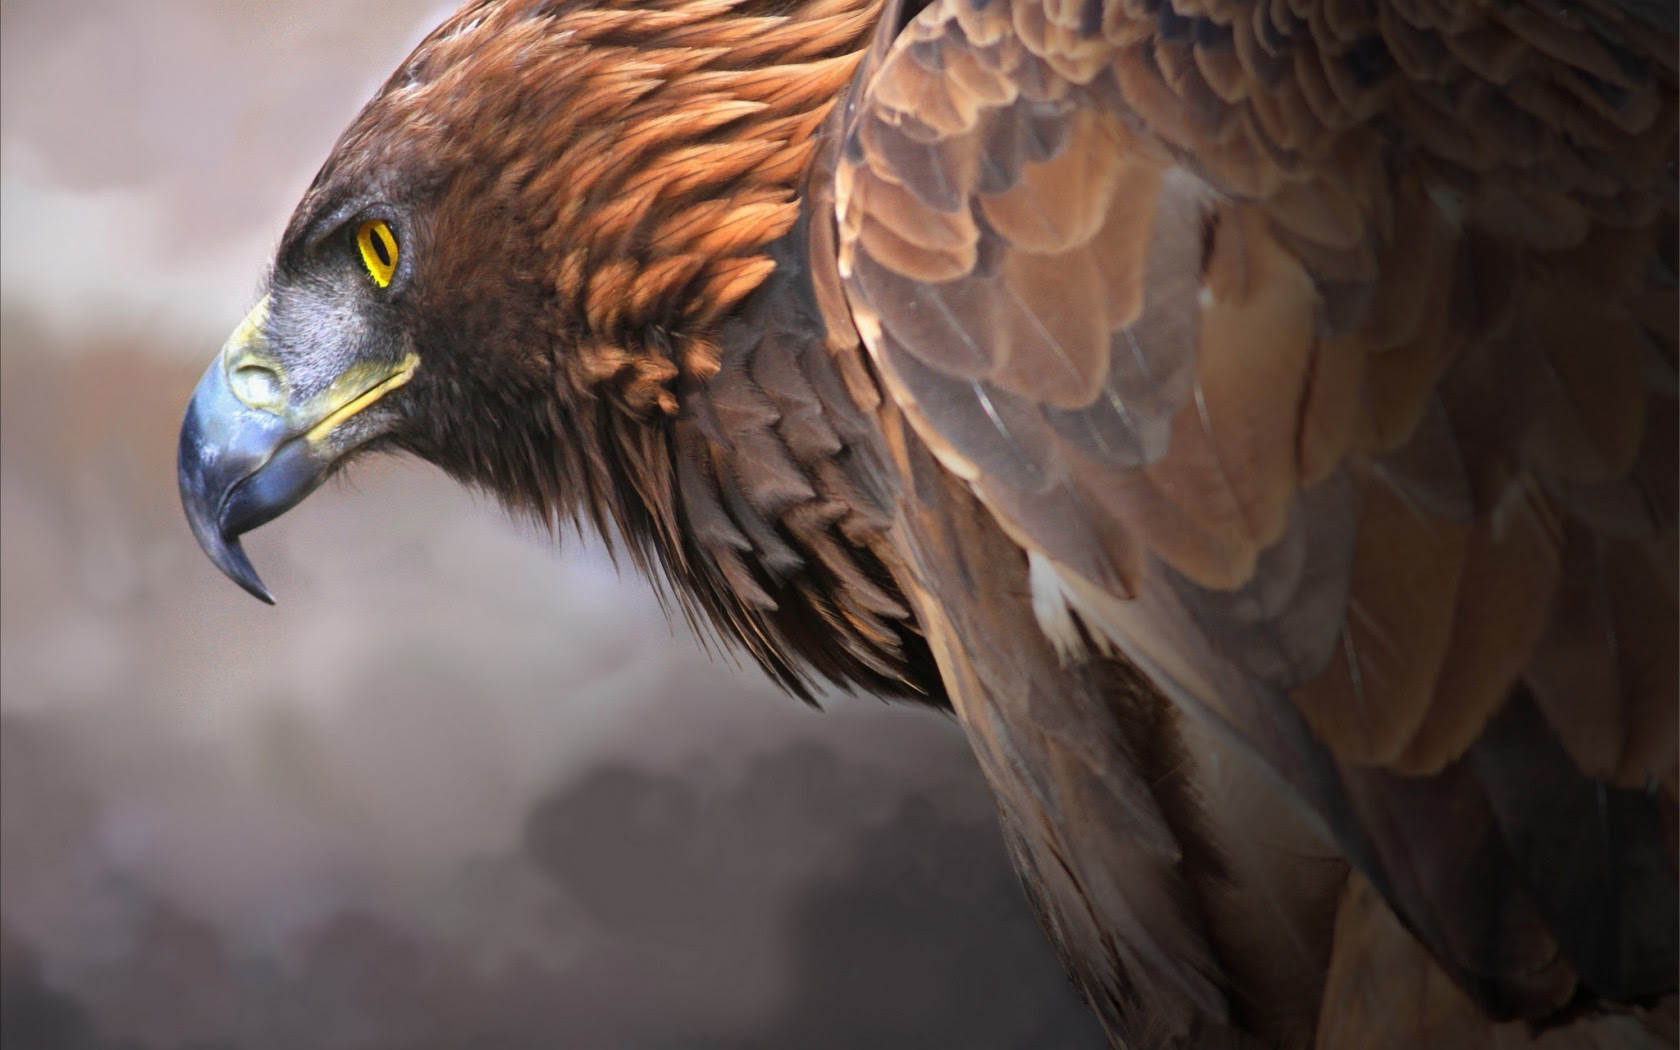 Eagle Digital Art 2, HD Artist, 4k Wallpapers, Images ...